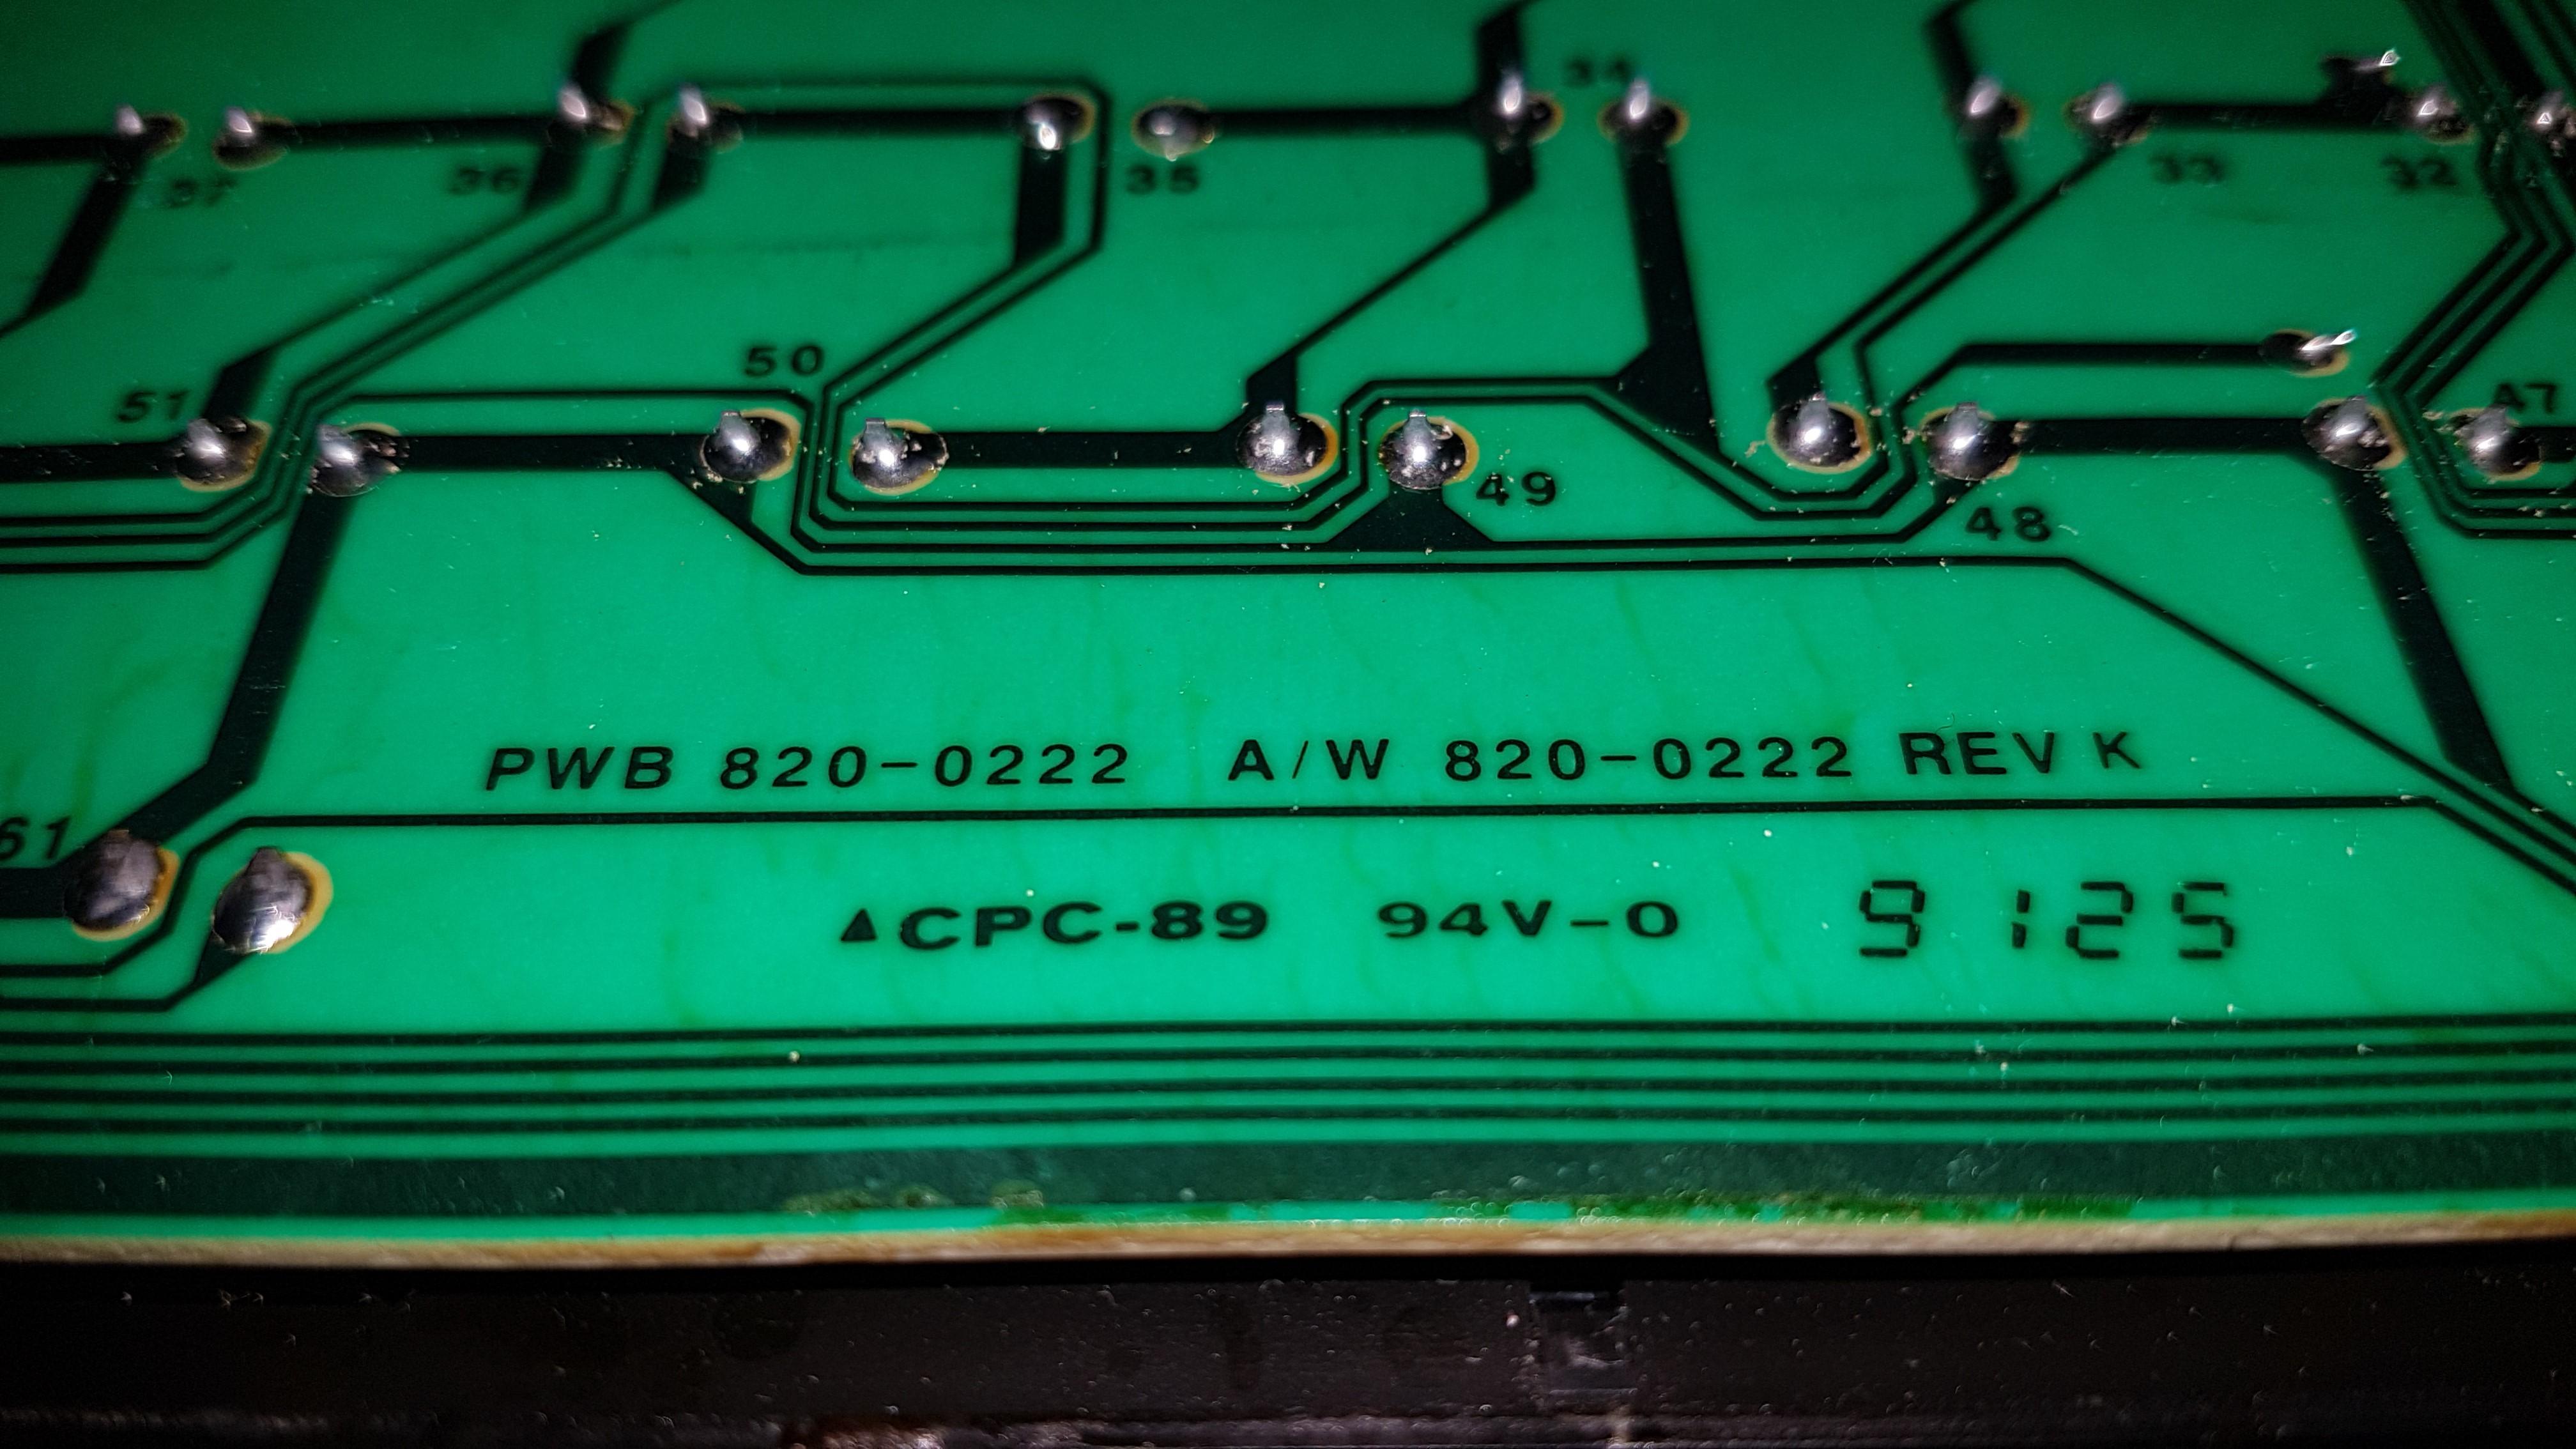 PCB markings.jpg